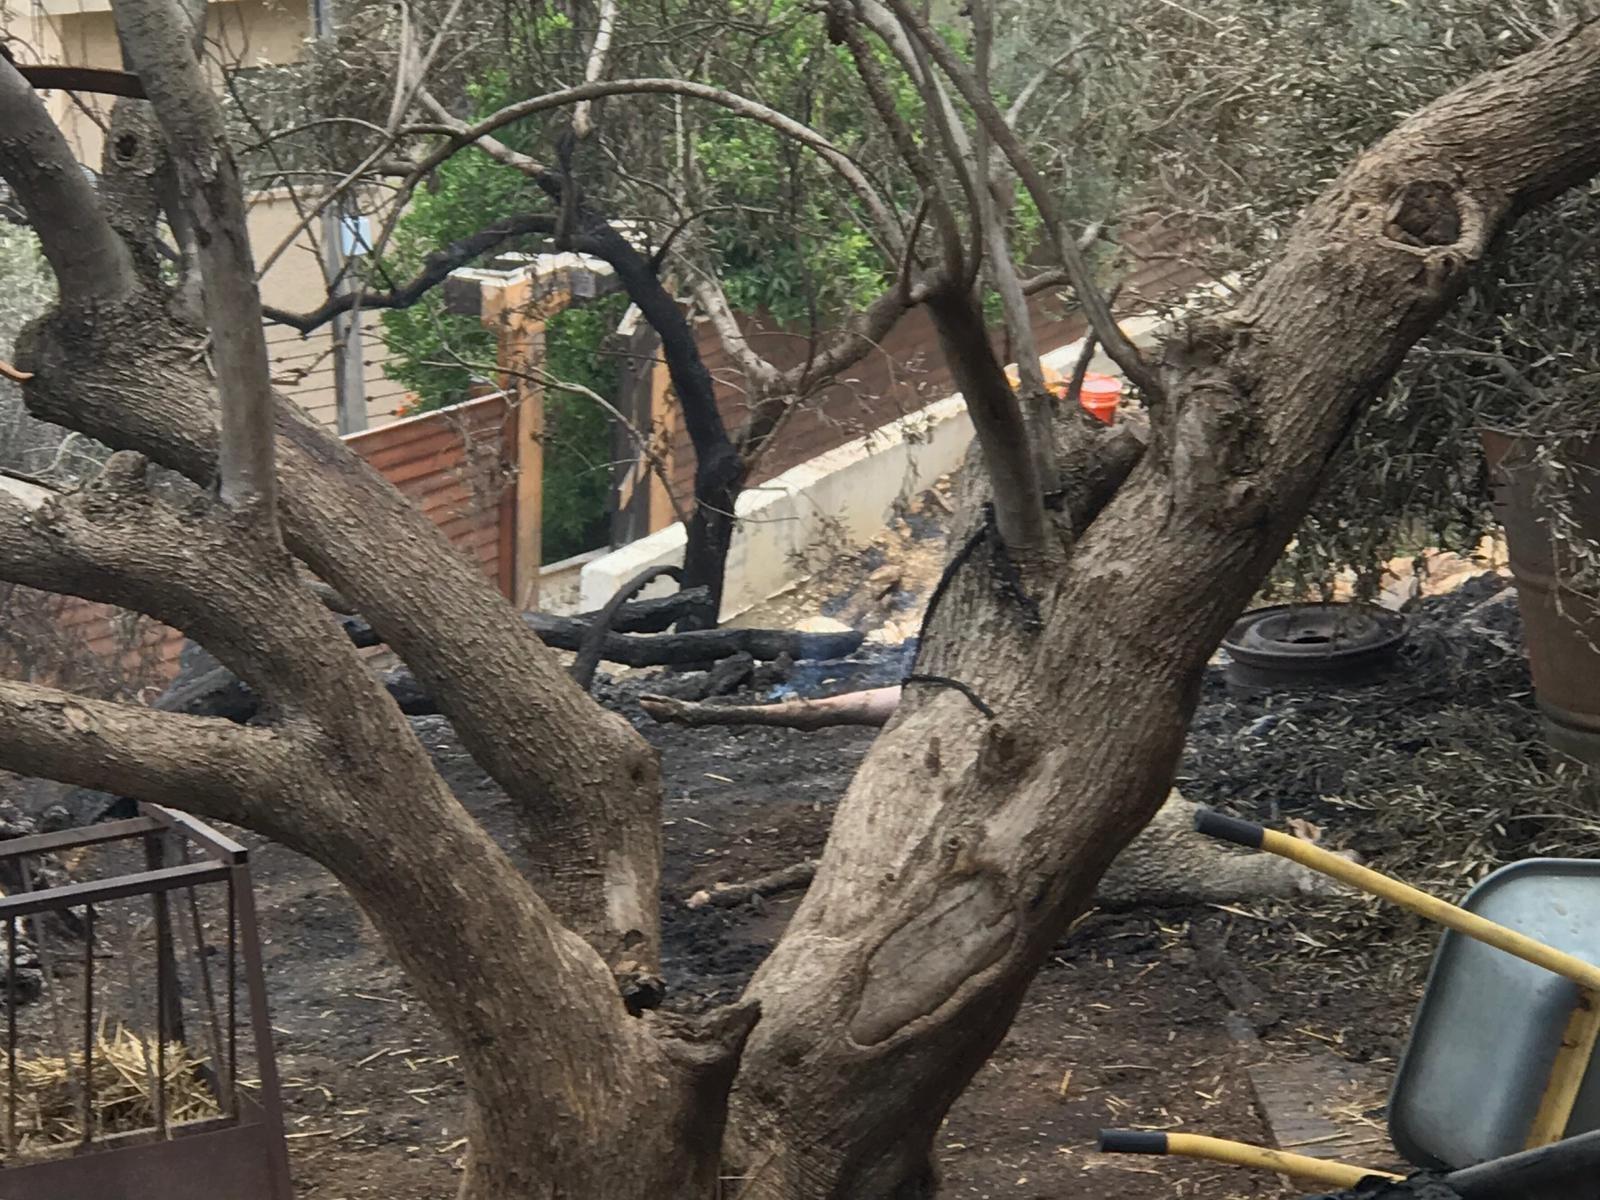 بالصور- أضرار كبيرة بالأملاك في عرعرة بسبب الحريق ومطالبات بتعويض الأهالي